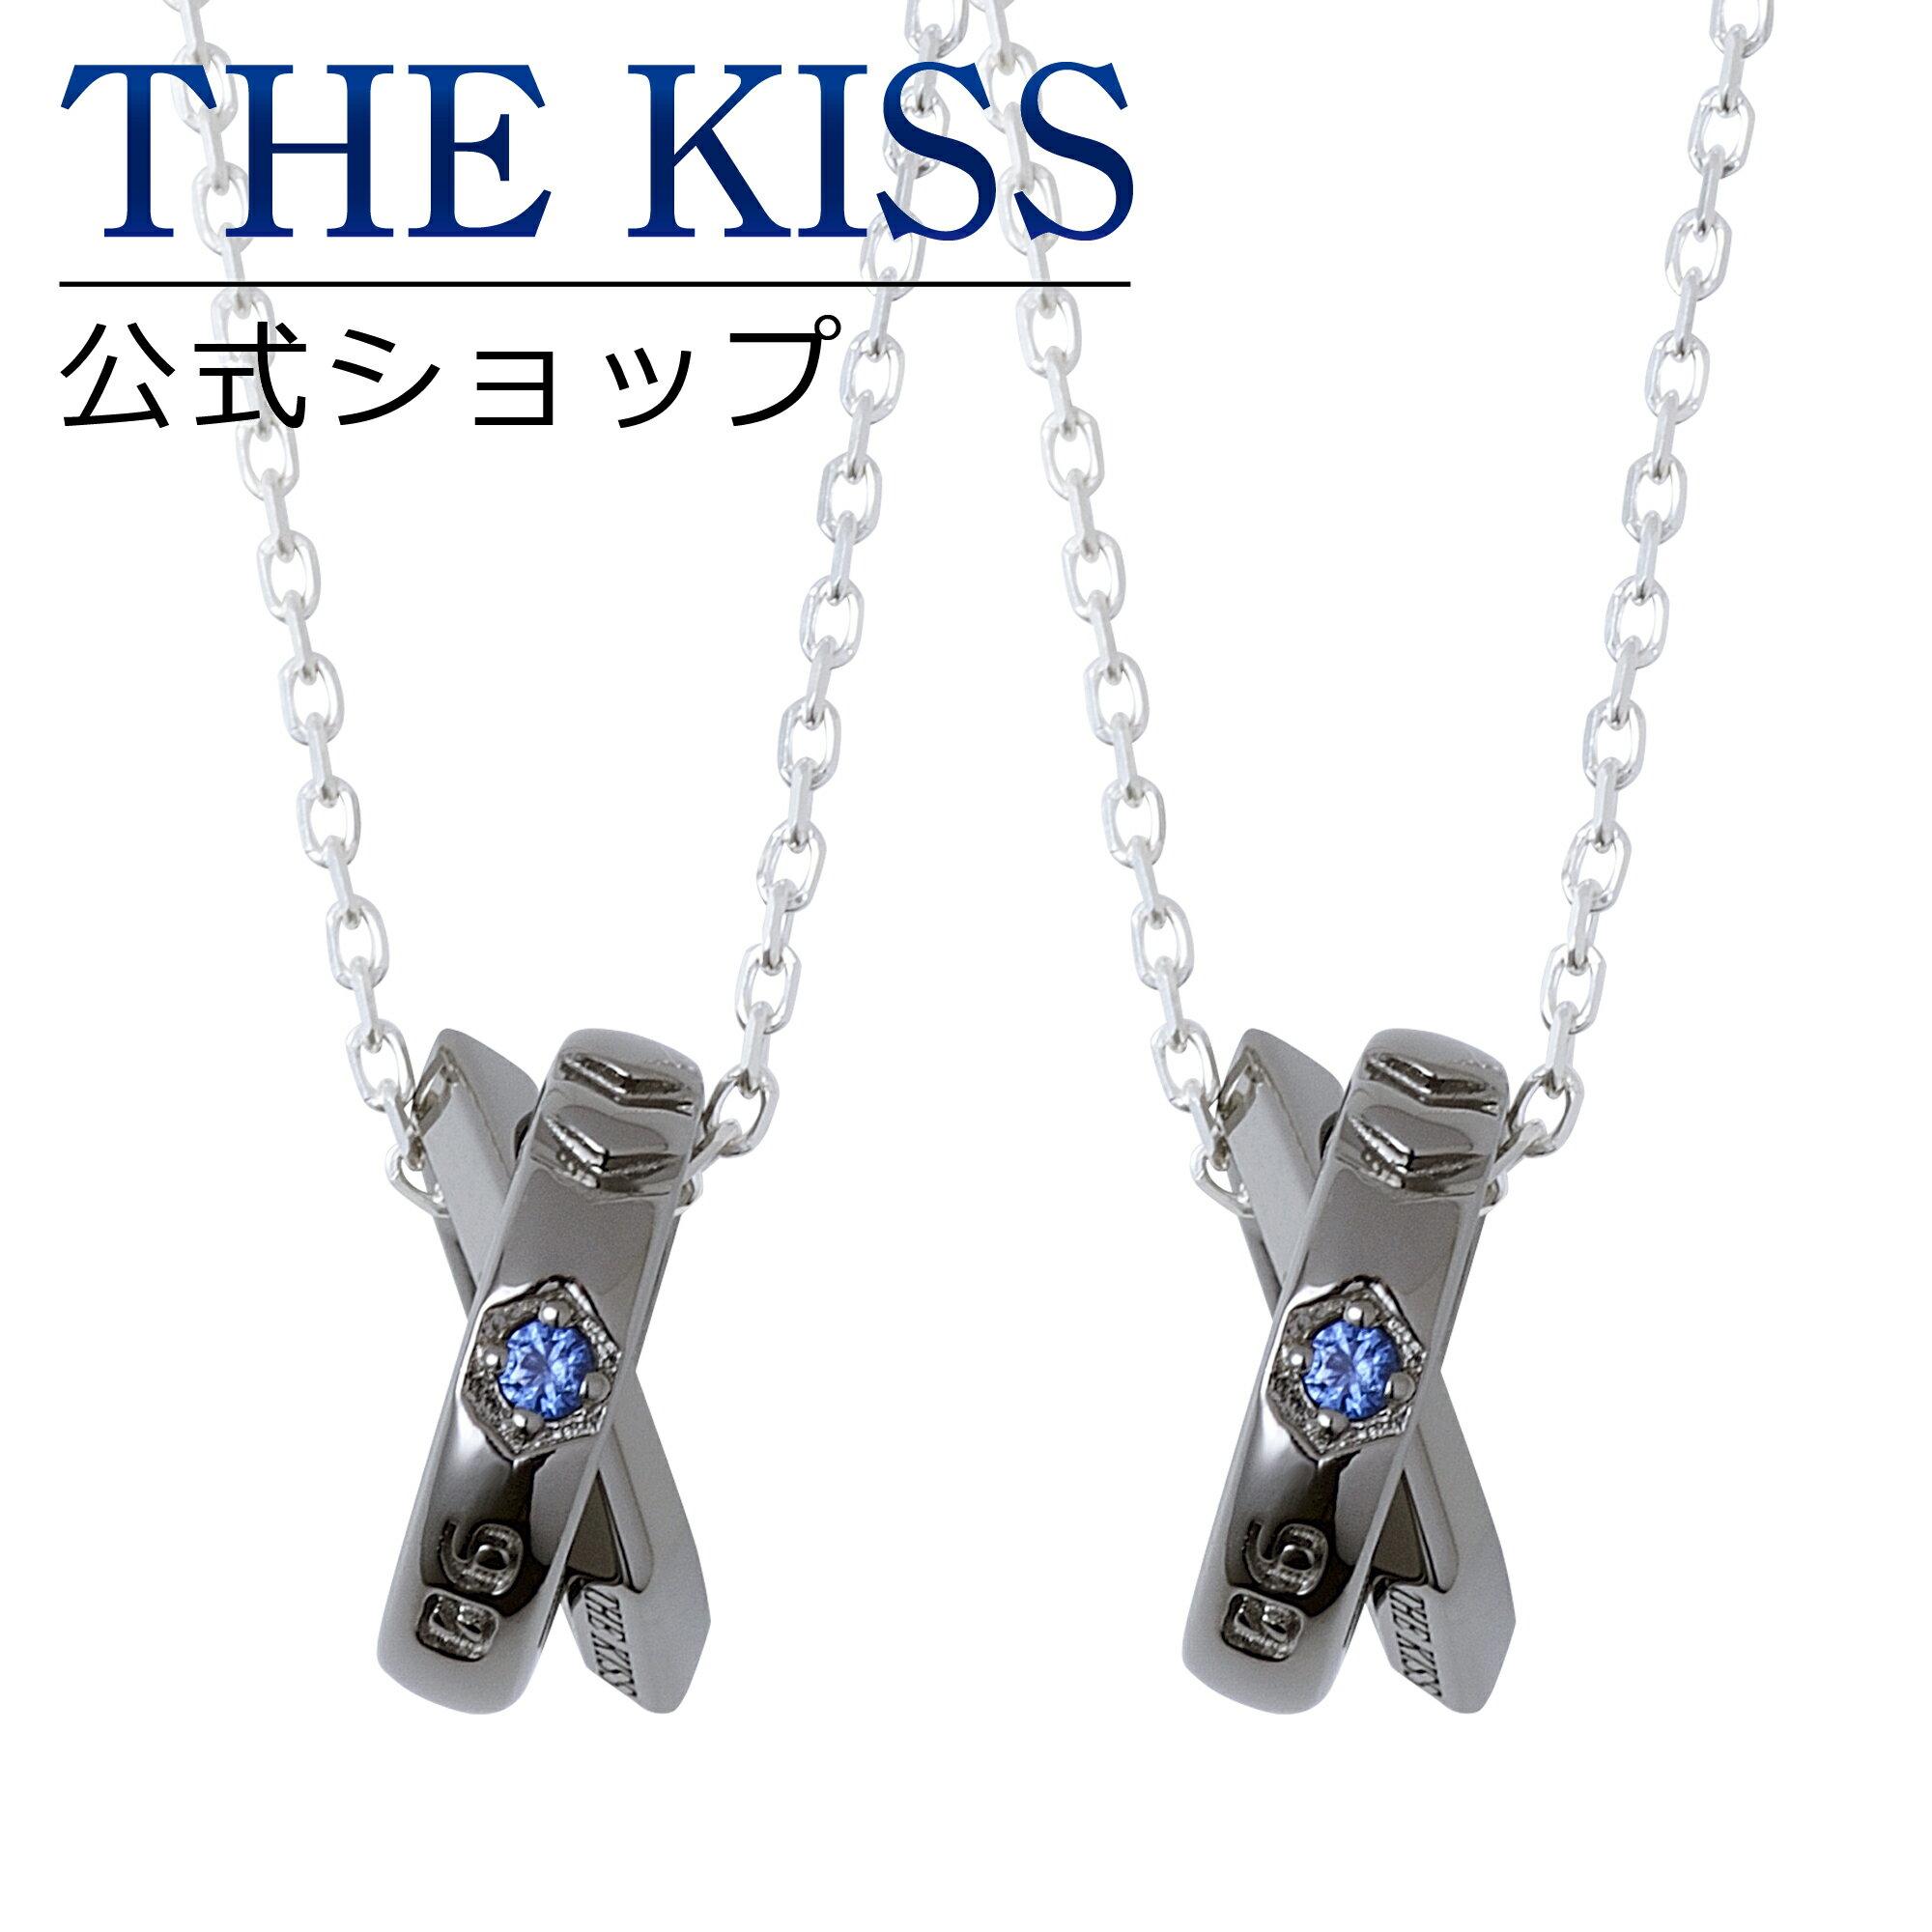 ペアアクセサリー, ペアネックレス・ペンダント THE KISS Mark.06 EVANGELION THE KISS THEKISS 2 EVSN-42-P